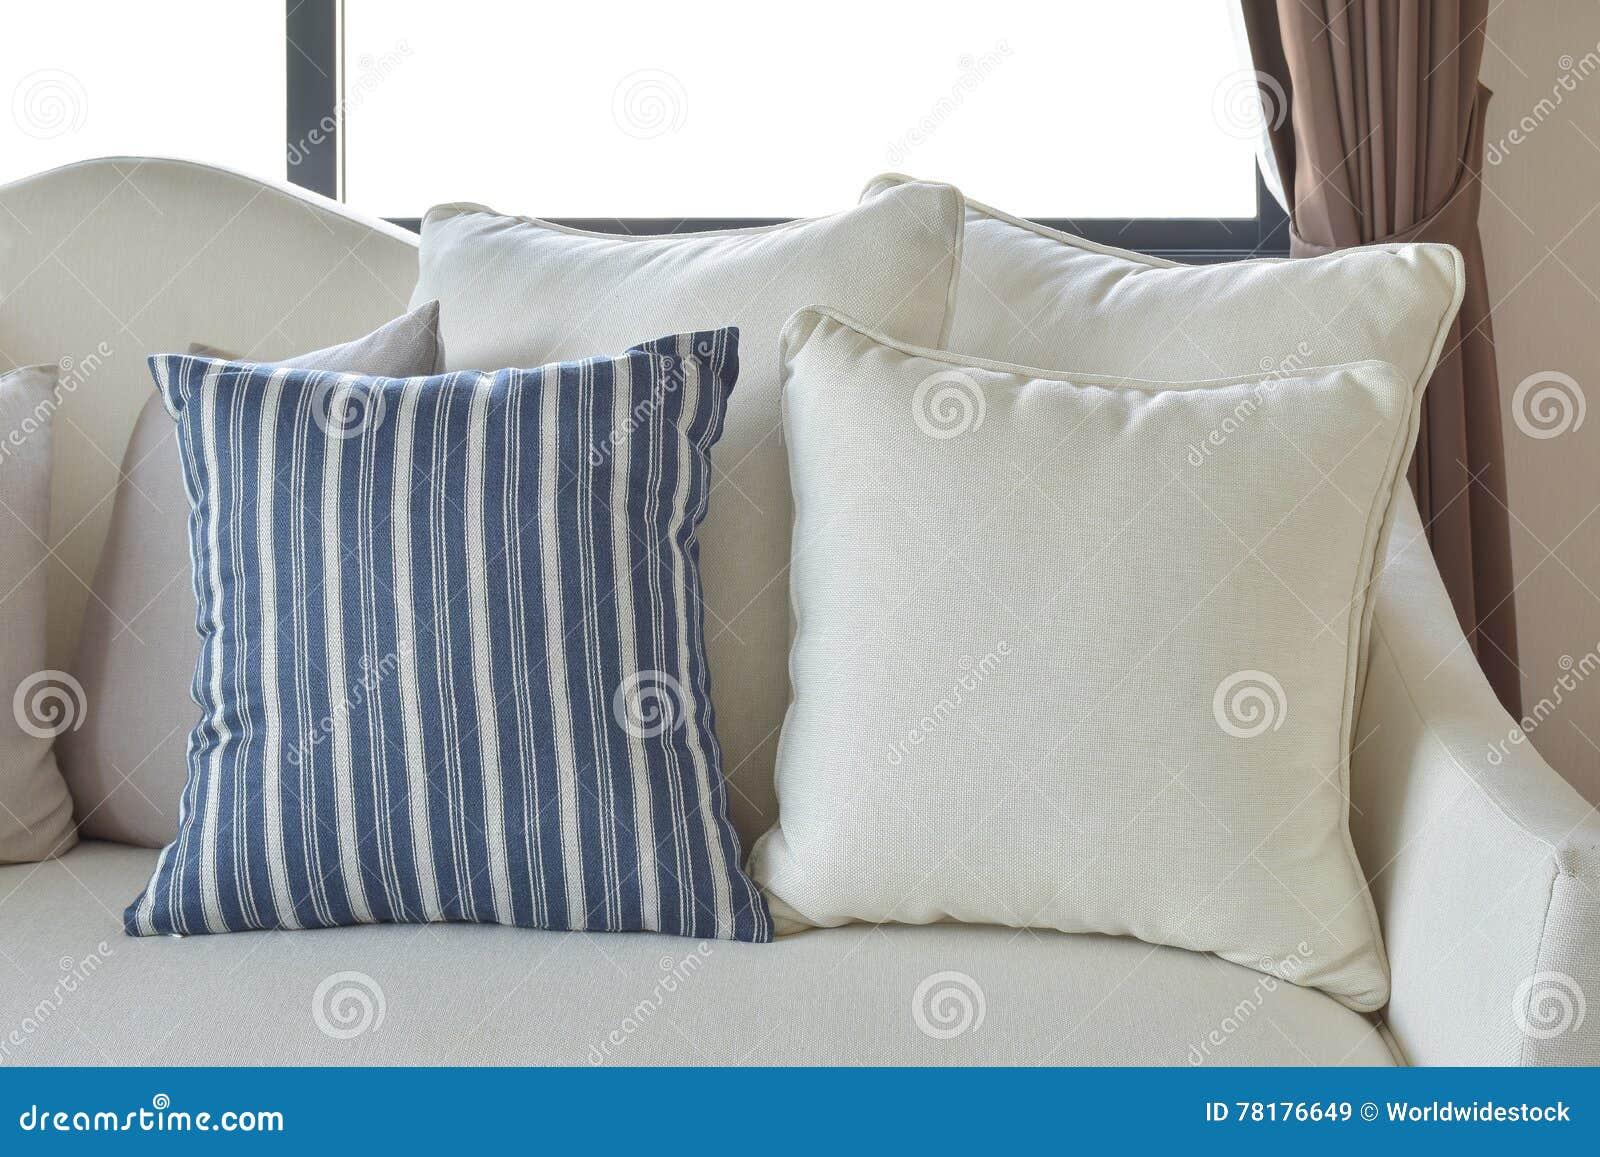 Cuscini Bianchi E Blu.Cuscini Decorativi Bianchi E Blu Su Un Sofa Casuale Nel Salone